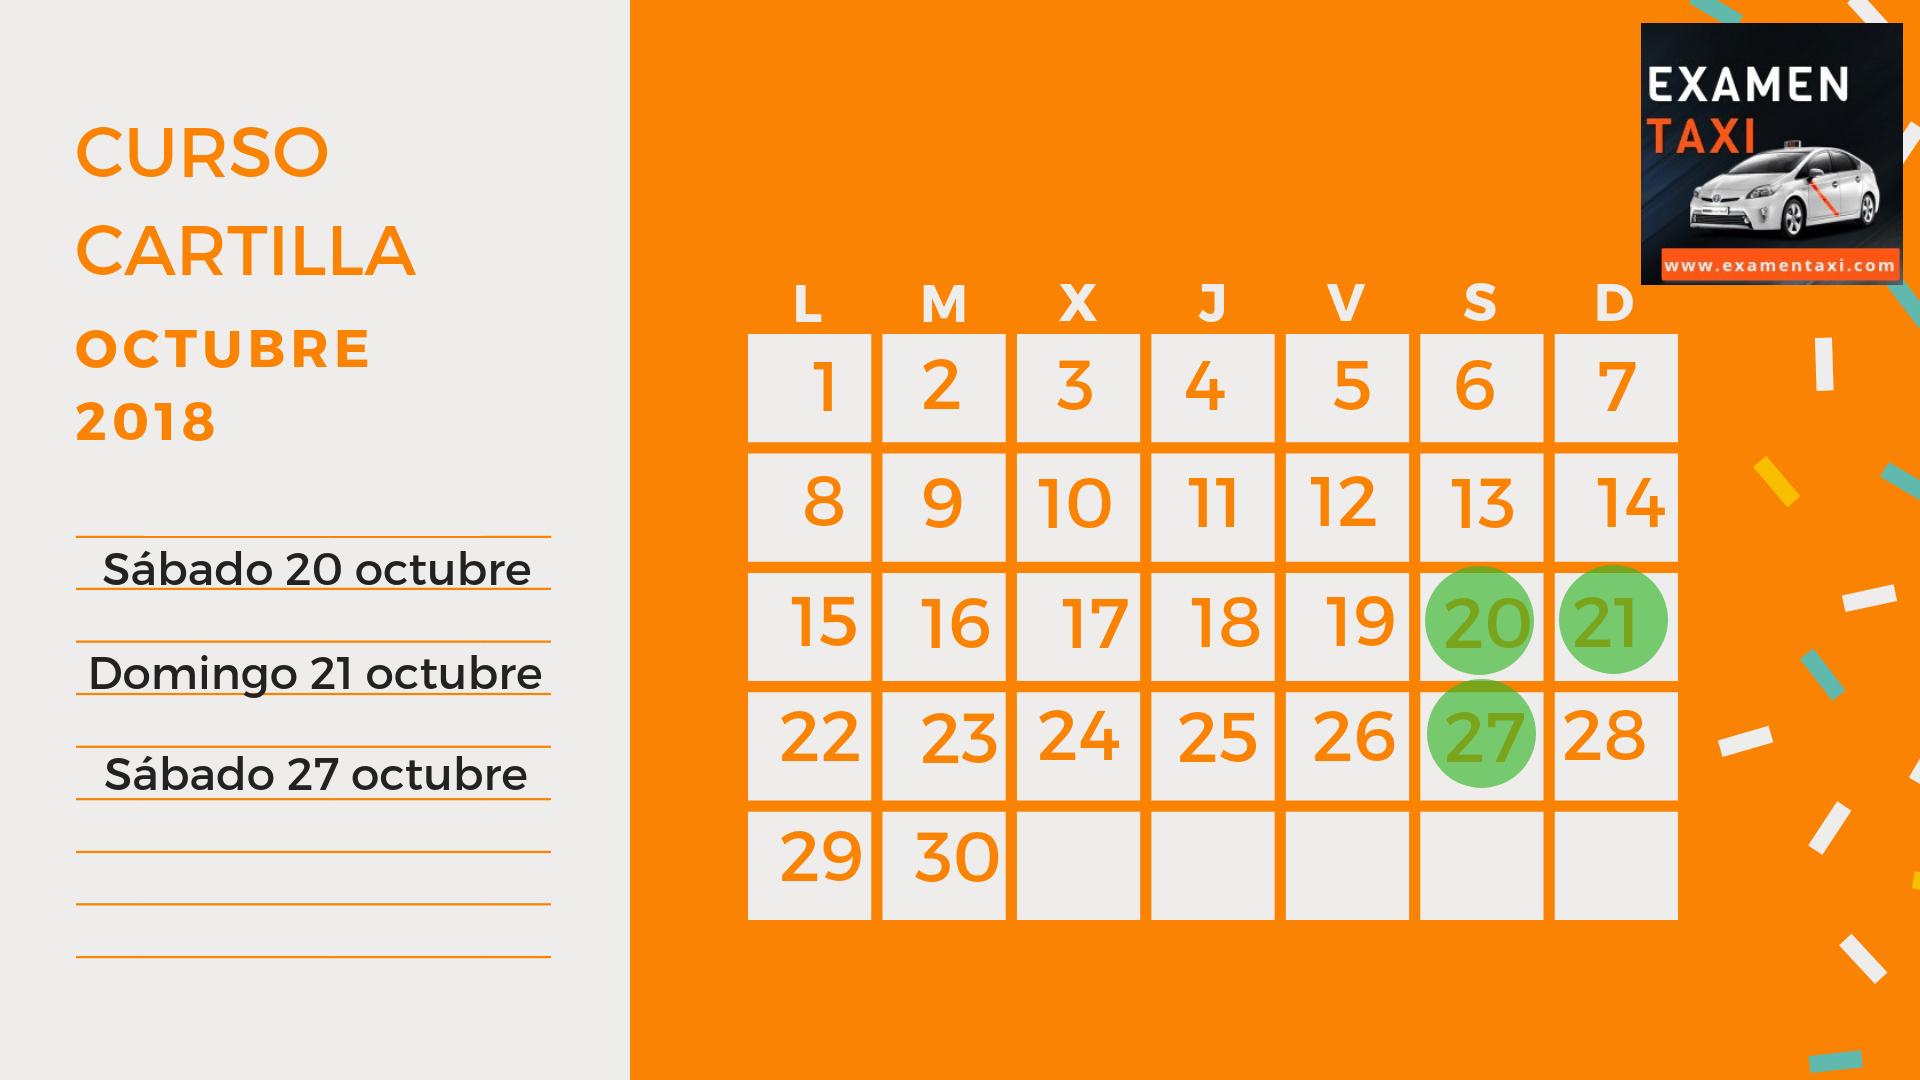 Calendario Curso Cartilla Octubre 2018